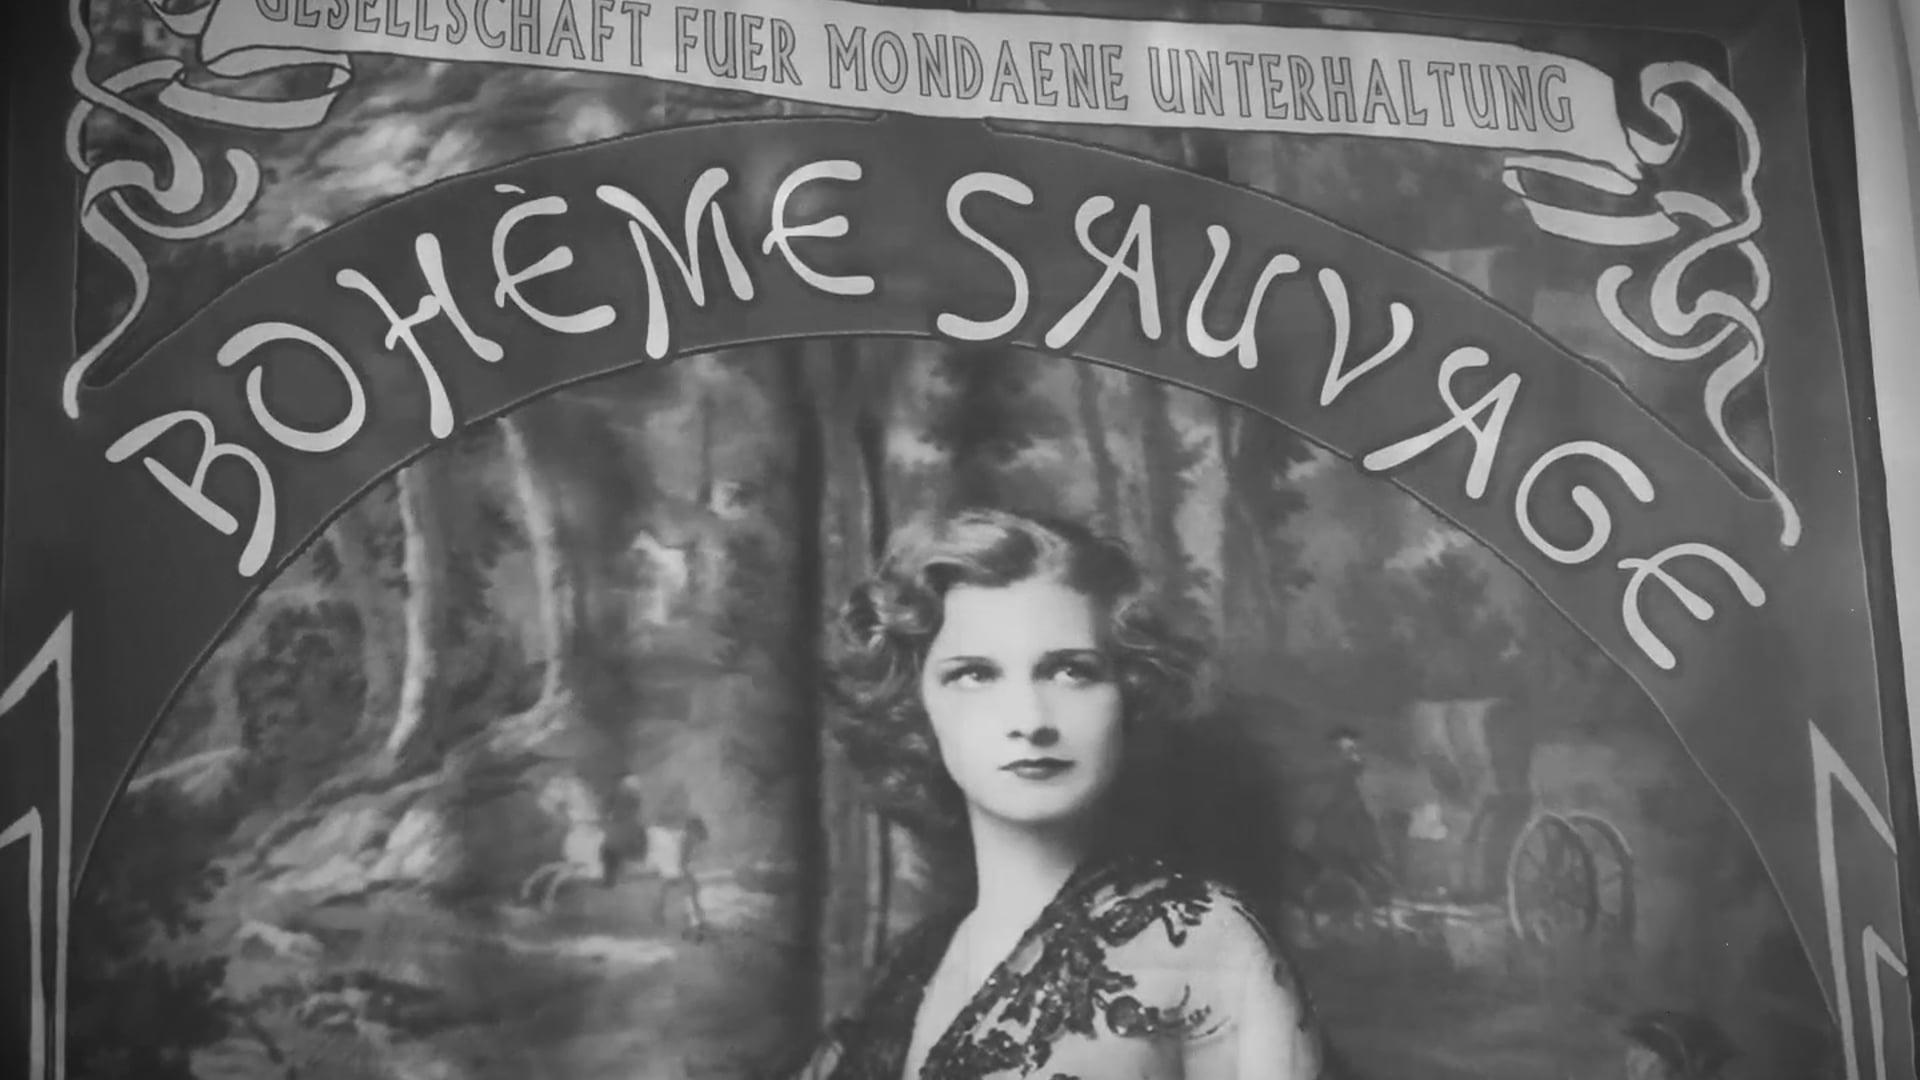 Bohème Sauvage Zürich Nº8 - 18. Mai 2019 - Smith and de Luma - Film 1